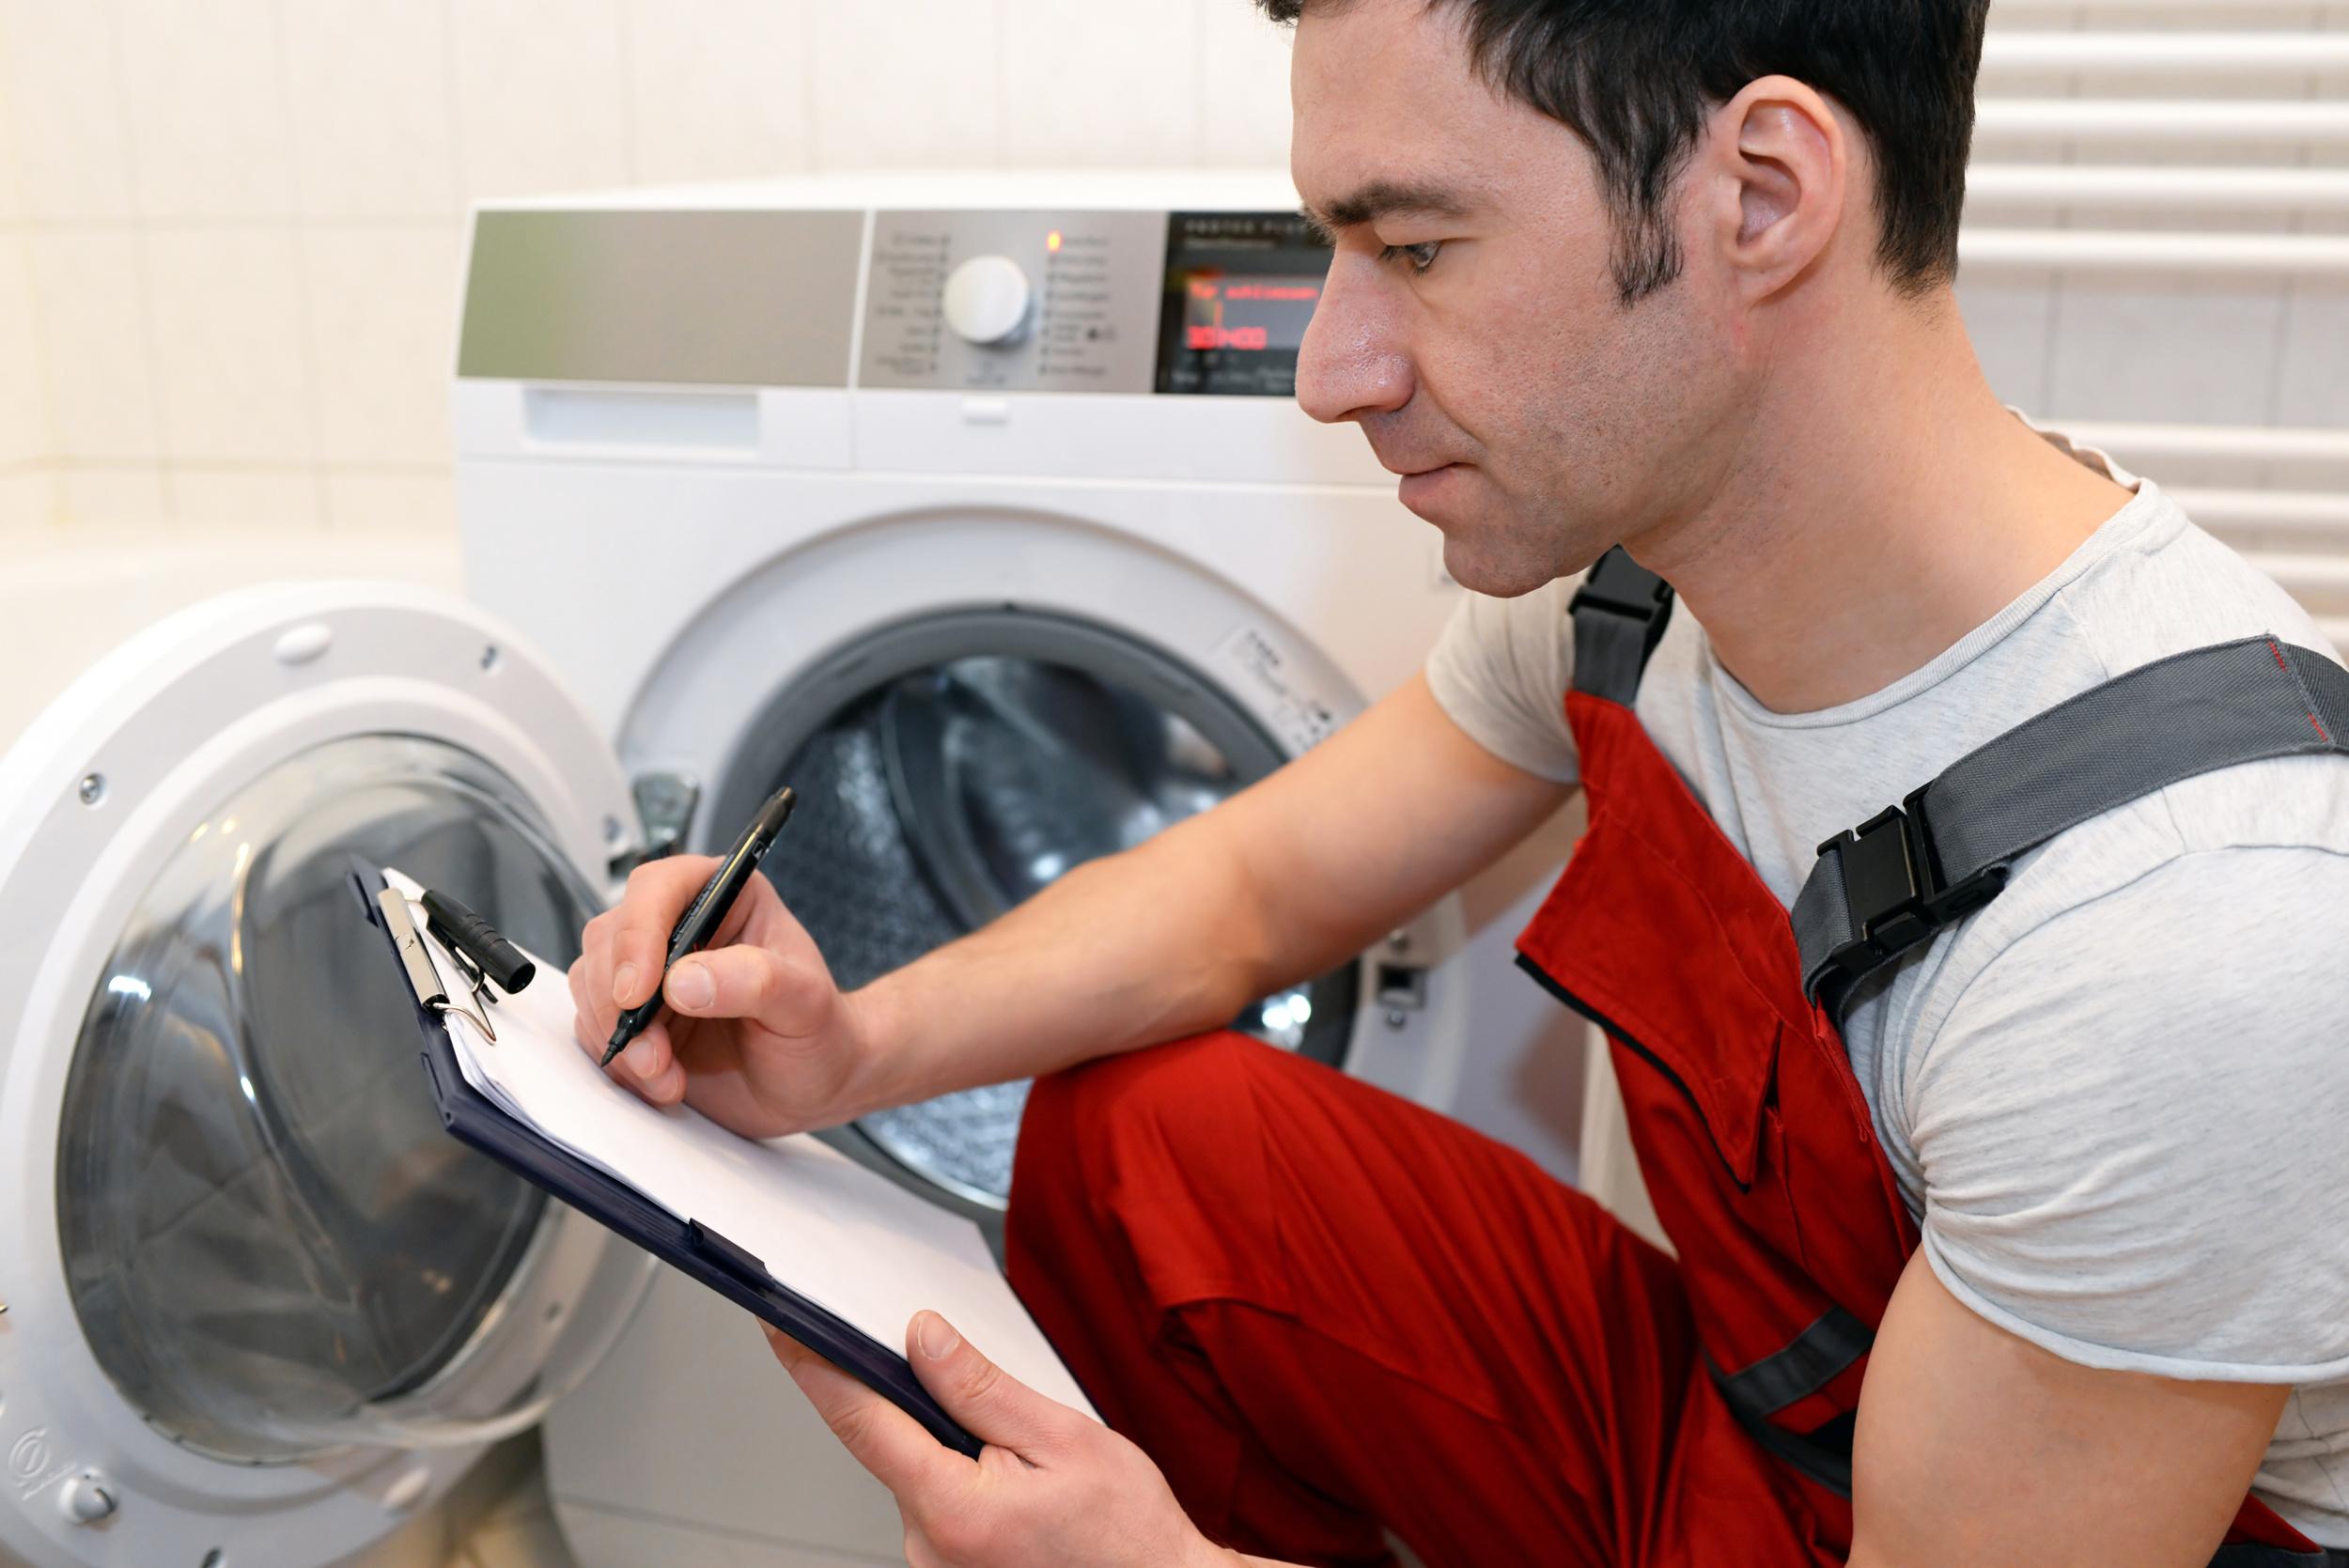 washing machine repair dallas texas appliance rescue service.jpg